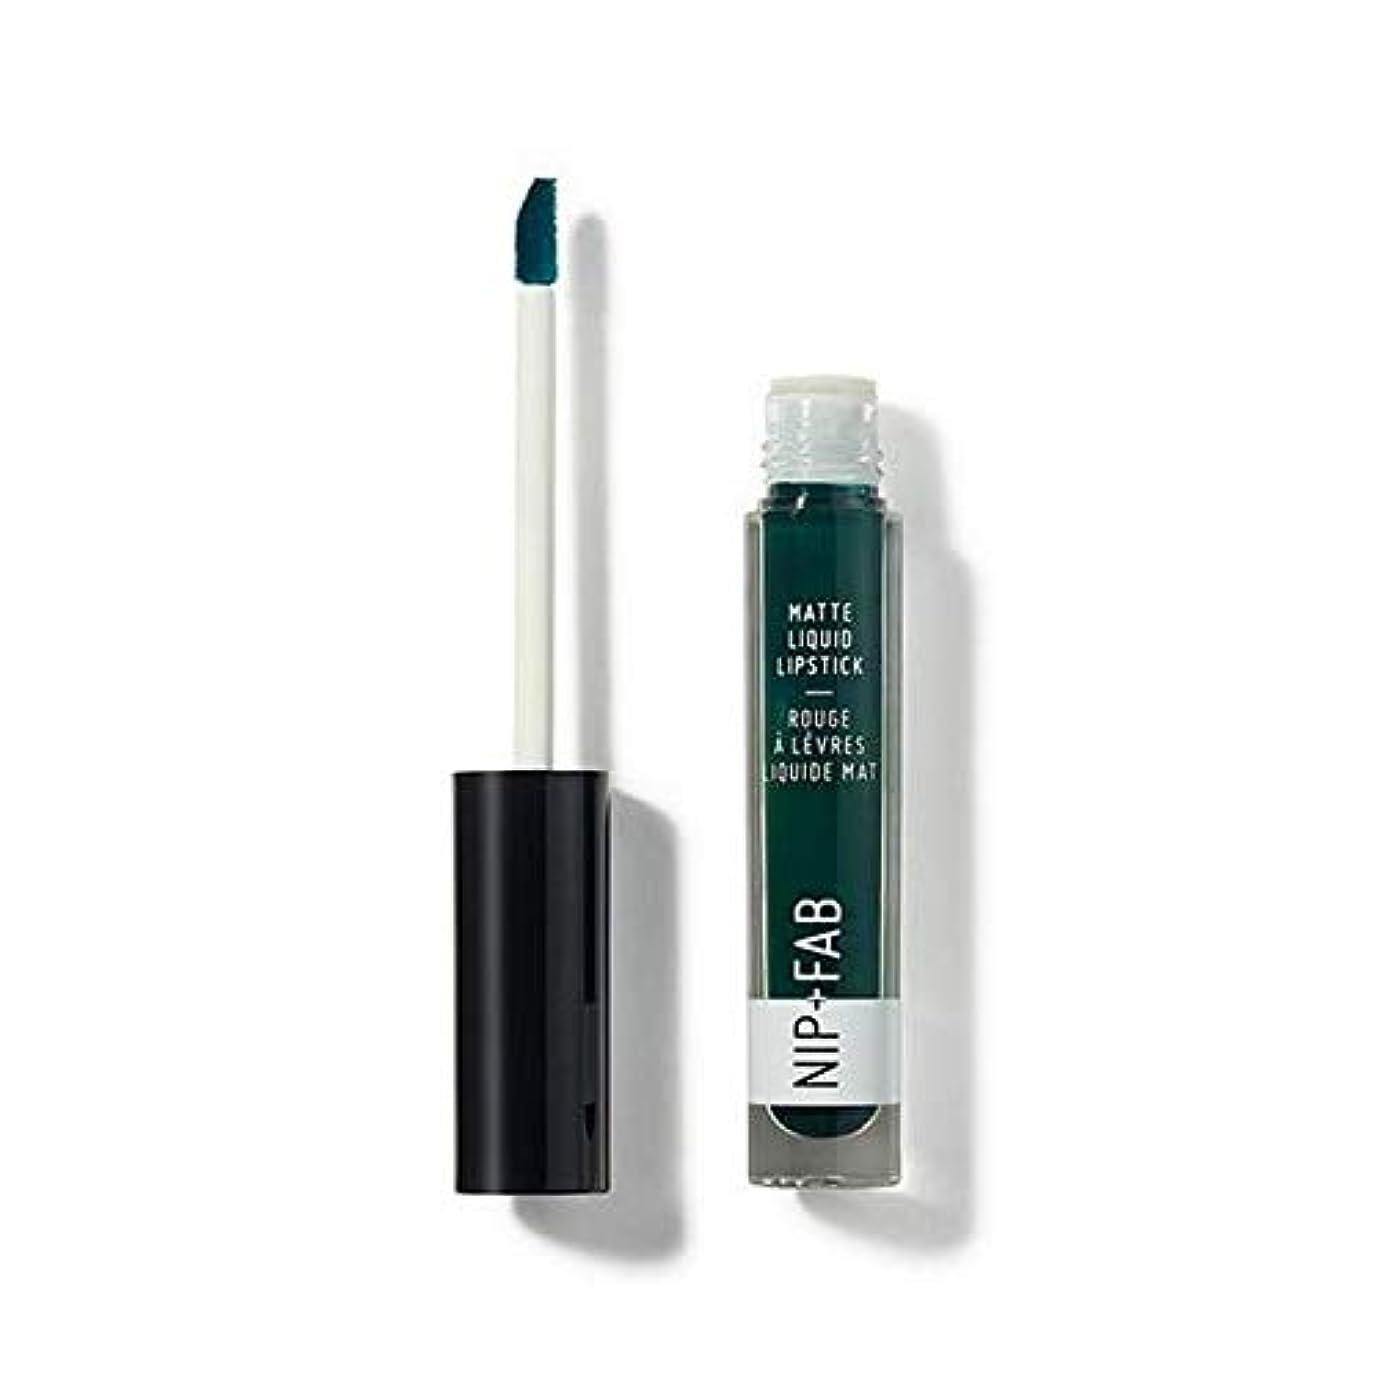 朝の体操をする大胆不敵見通し[Nip & Fab ] + Fabマット液状口紅クールミント65ニップ - Nip+Fab Matte Liquid Lipstick Cool Mint 65 [並行輸入品]